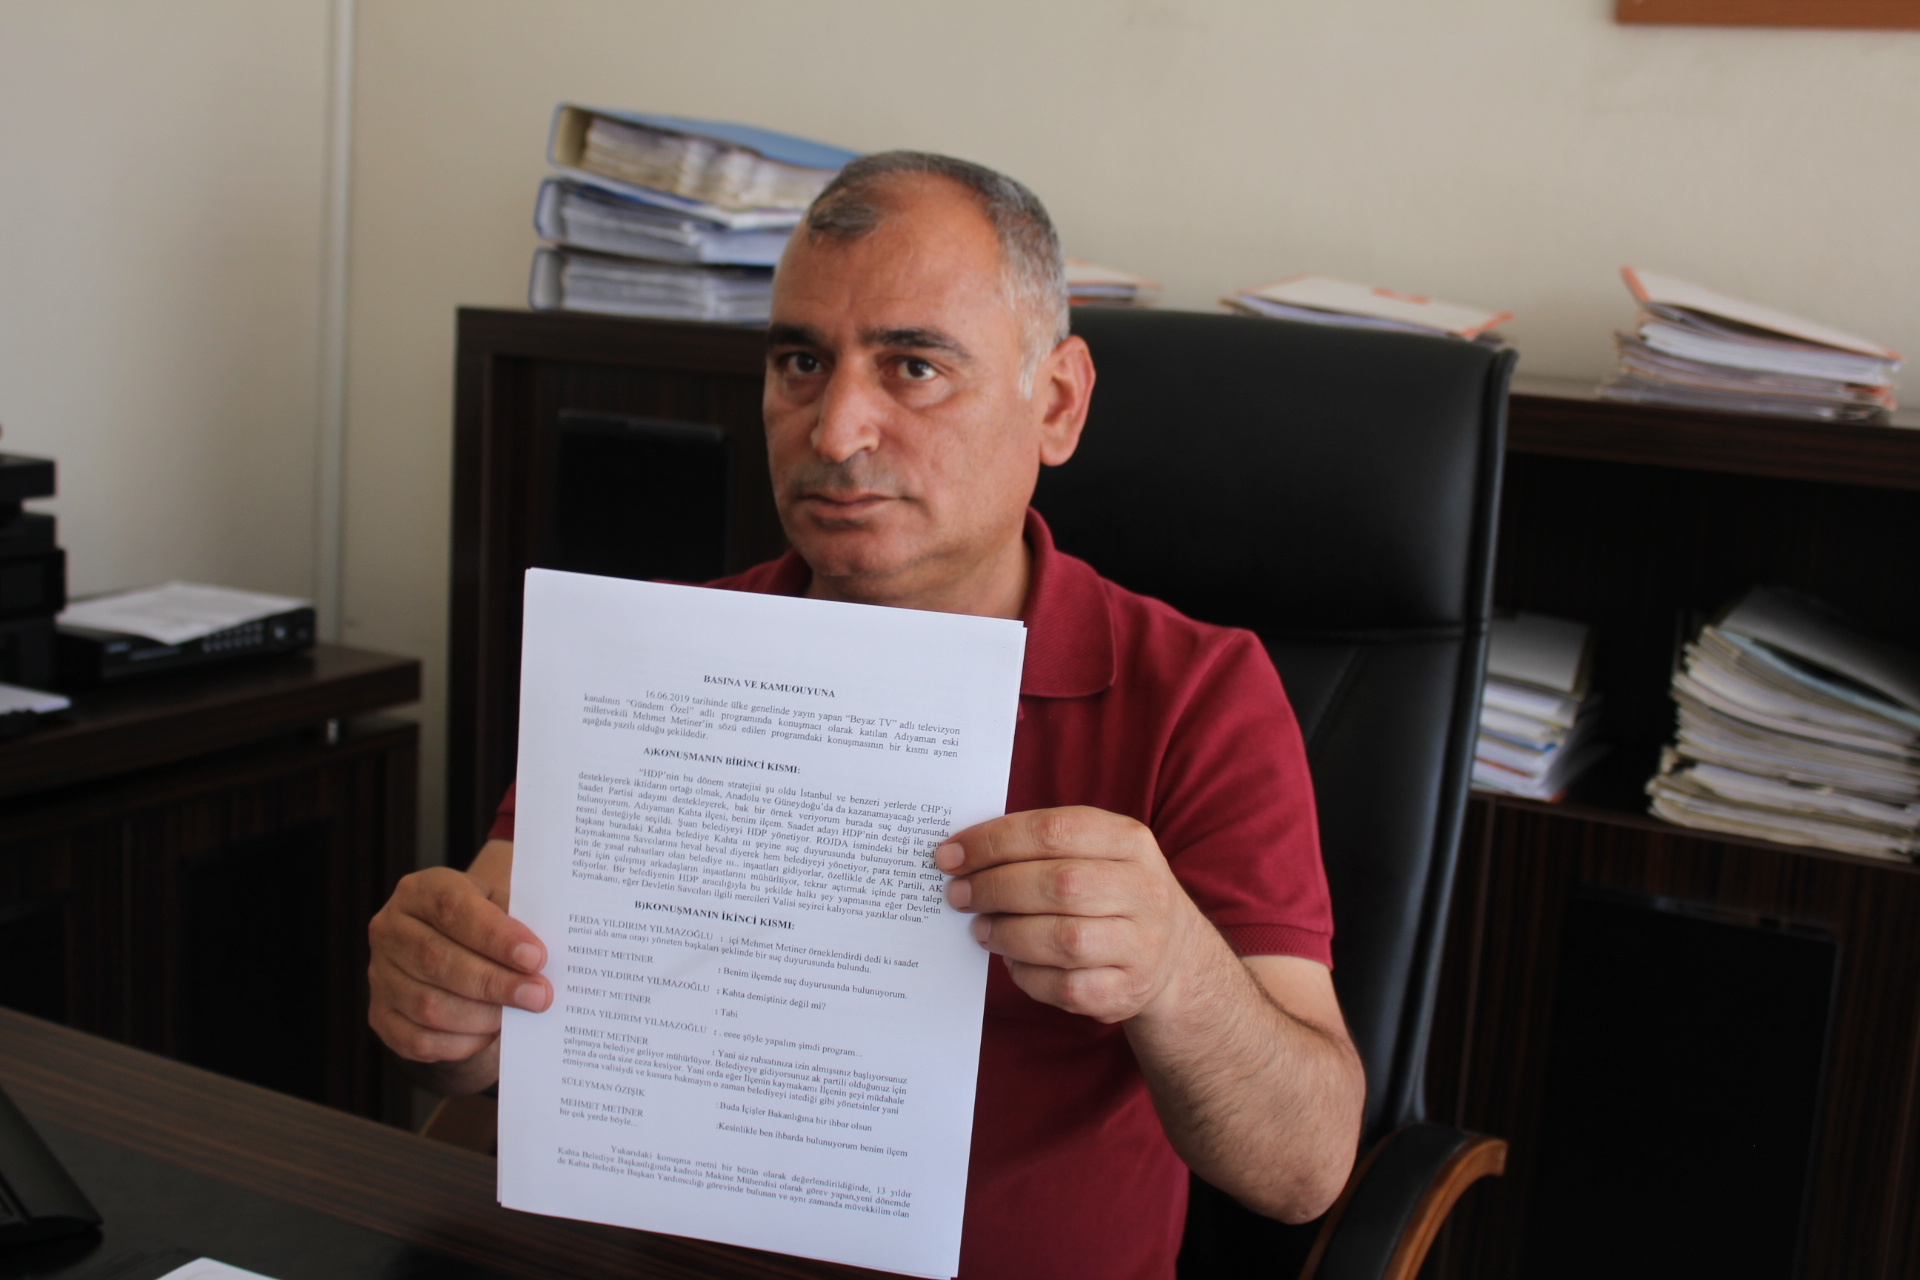 Turanlı'dan AK Partili Metiner'e Suç Duyurusu